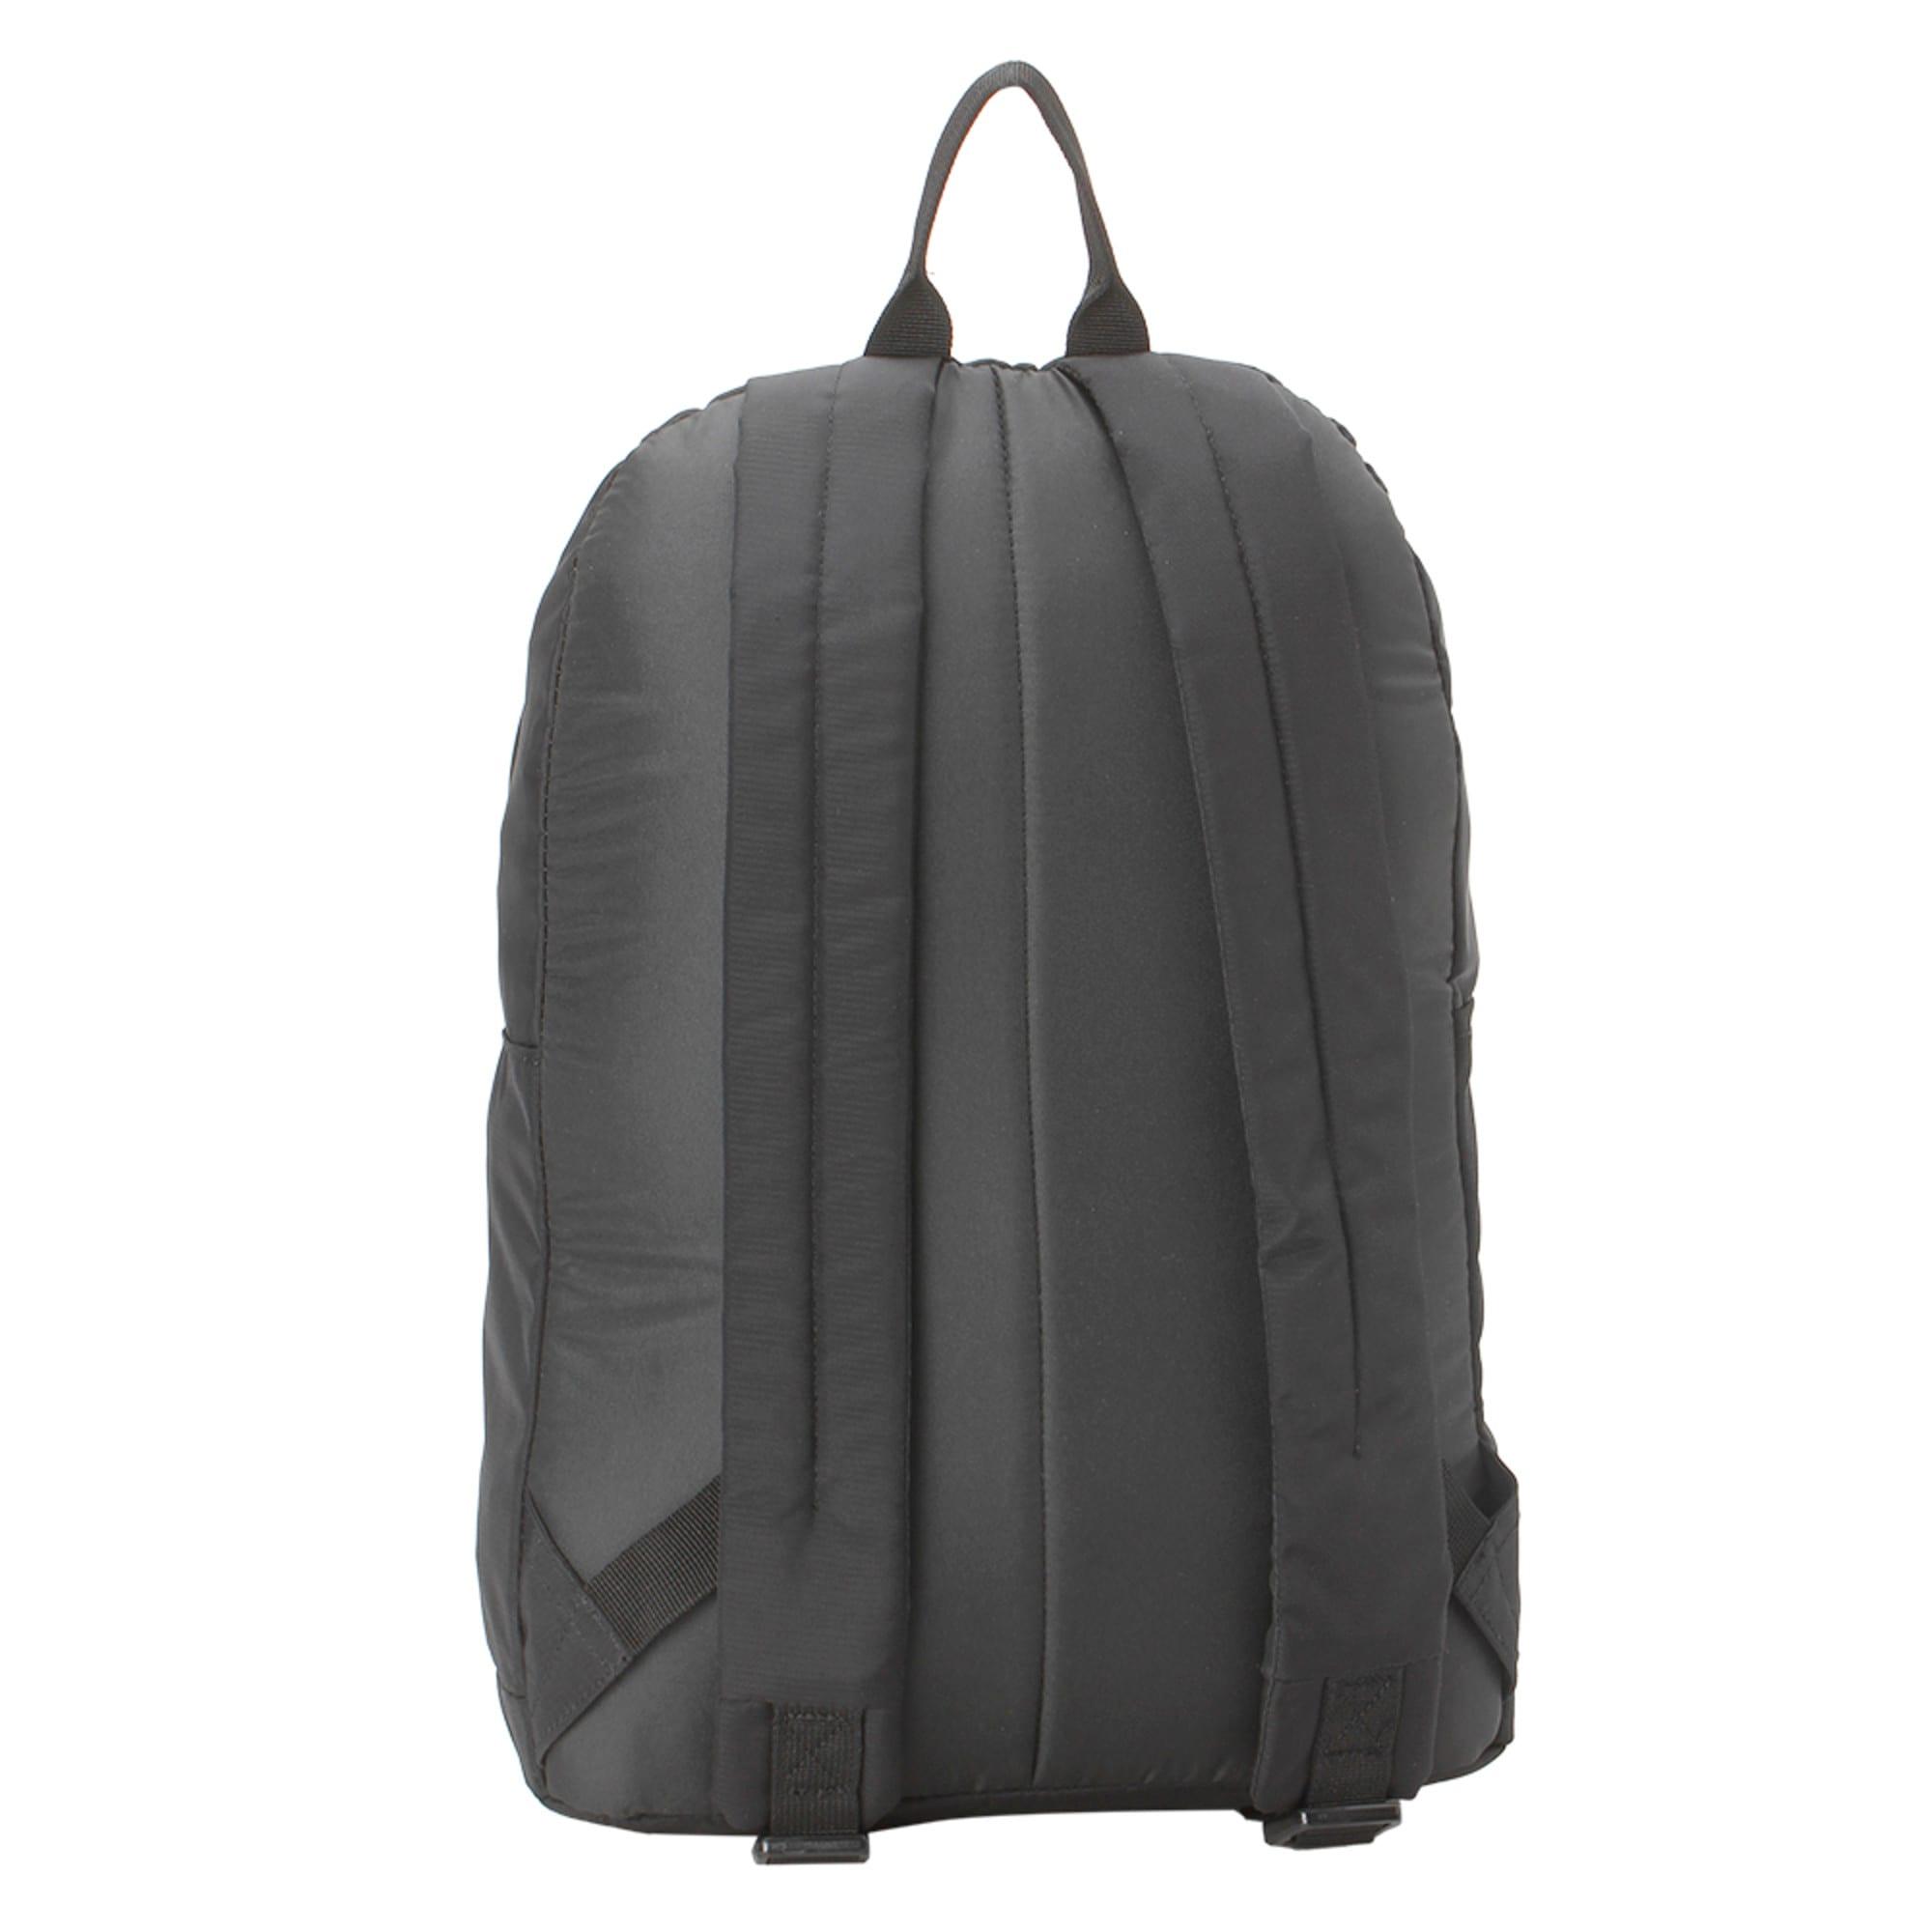 Thumbnail 3 of Originals Backpack, Puma Black, medium-IND